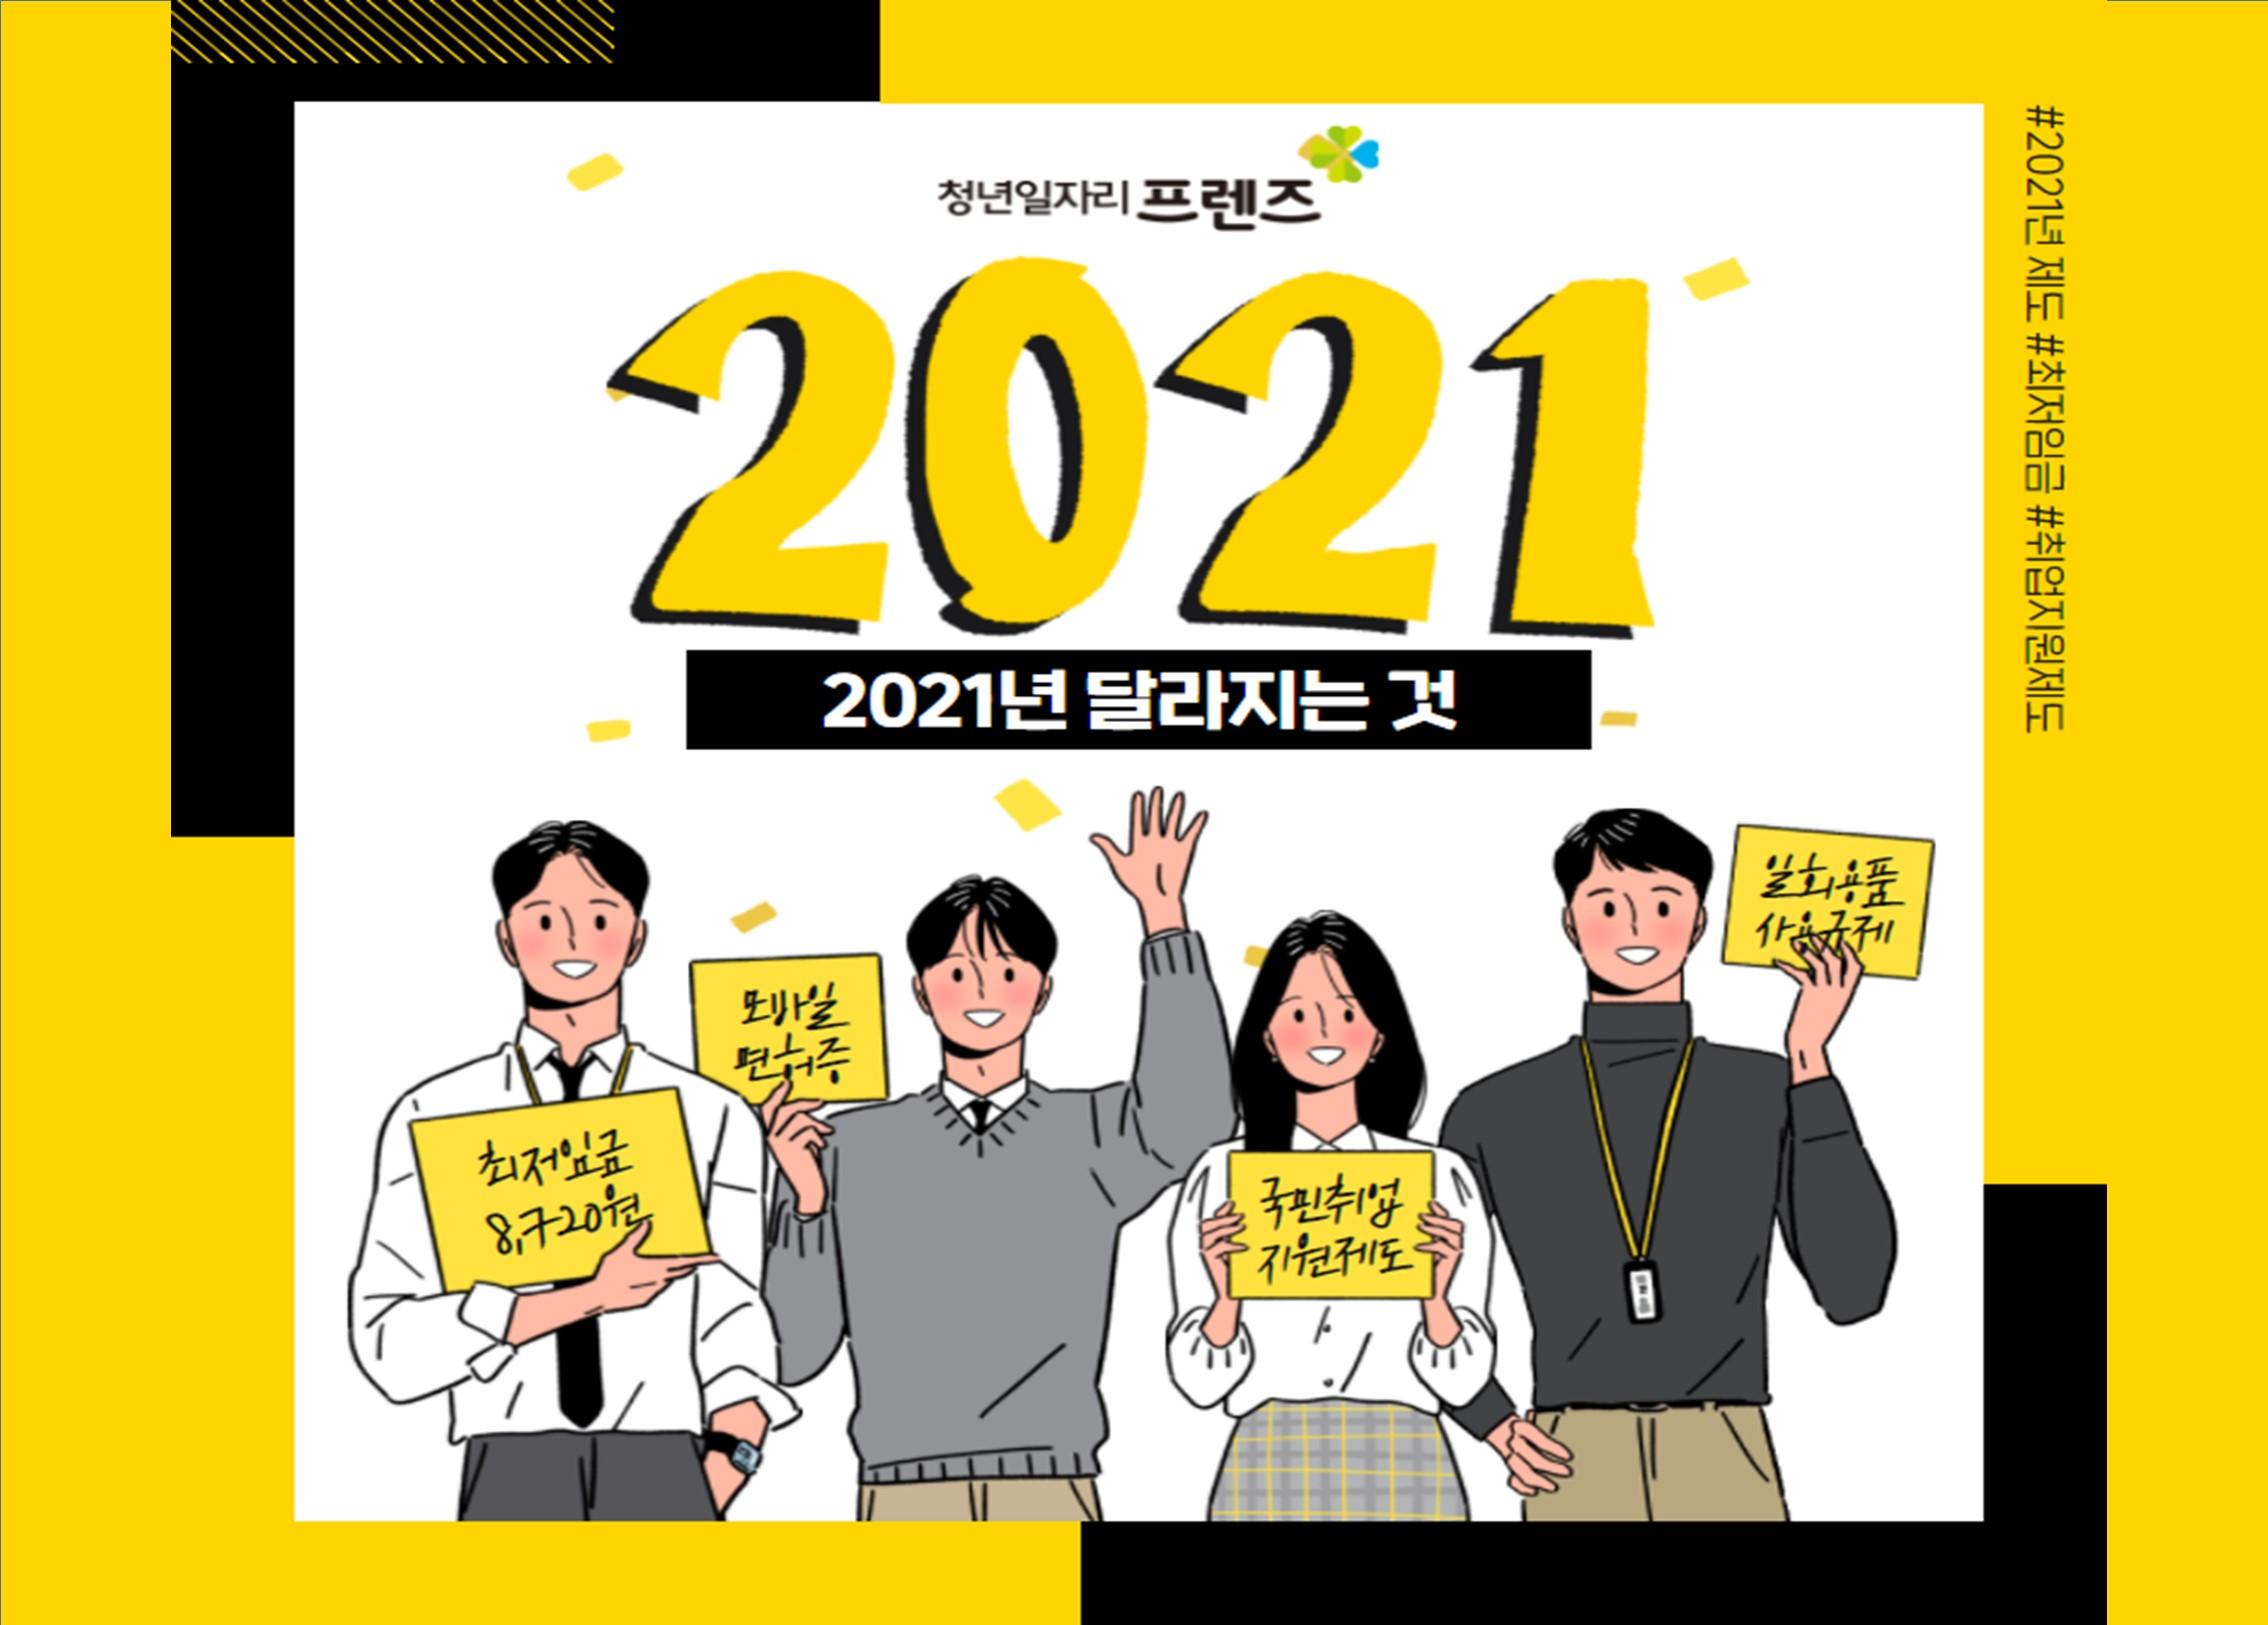 2021년 새로 달라지는것